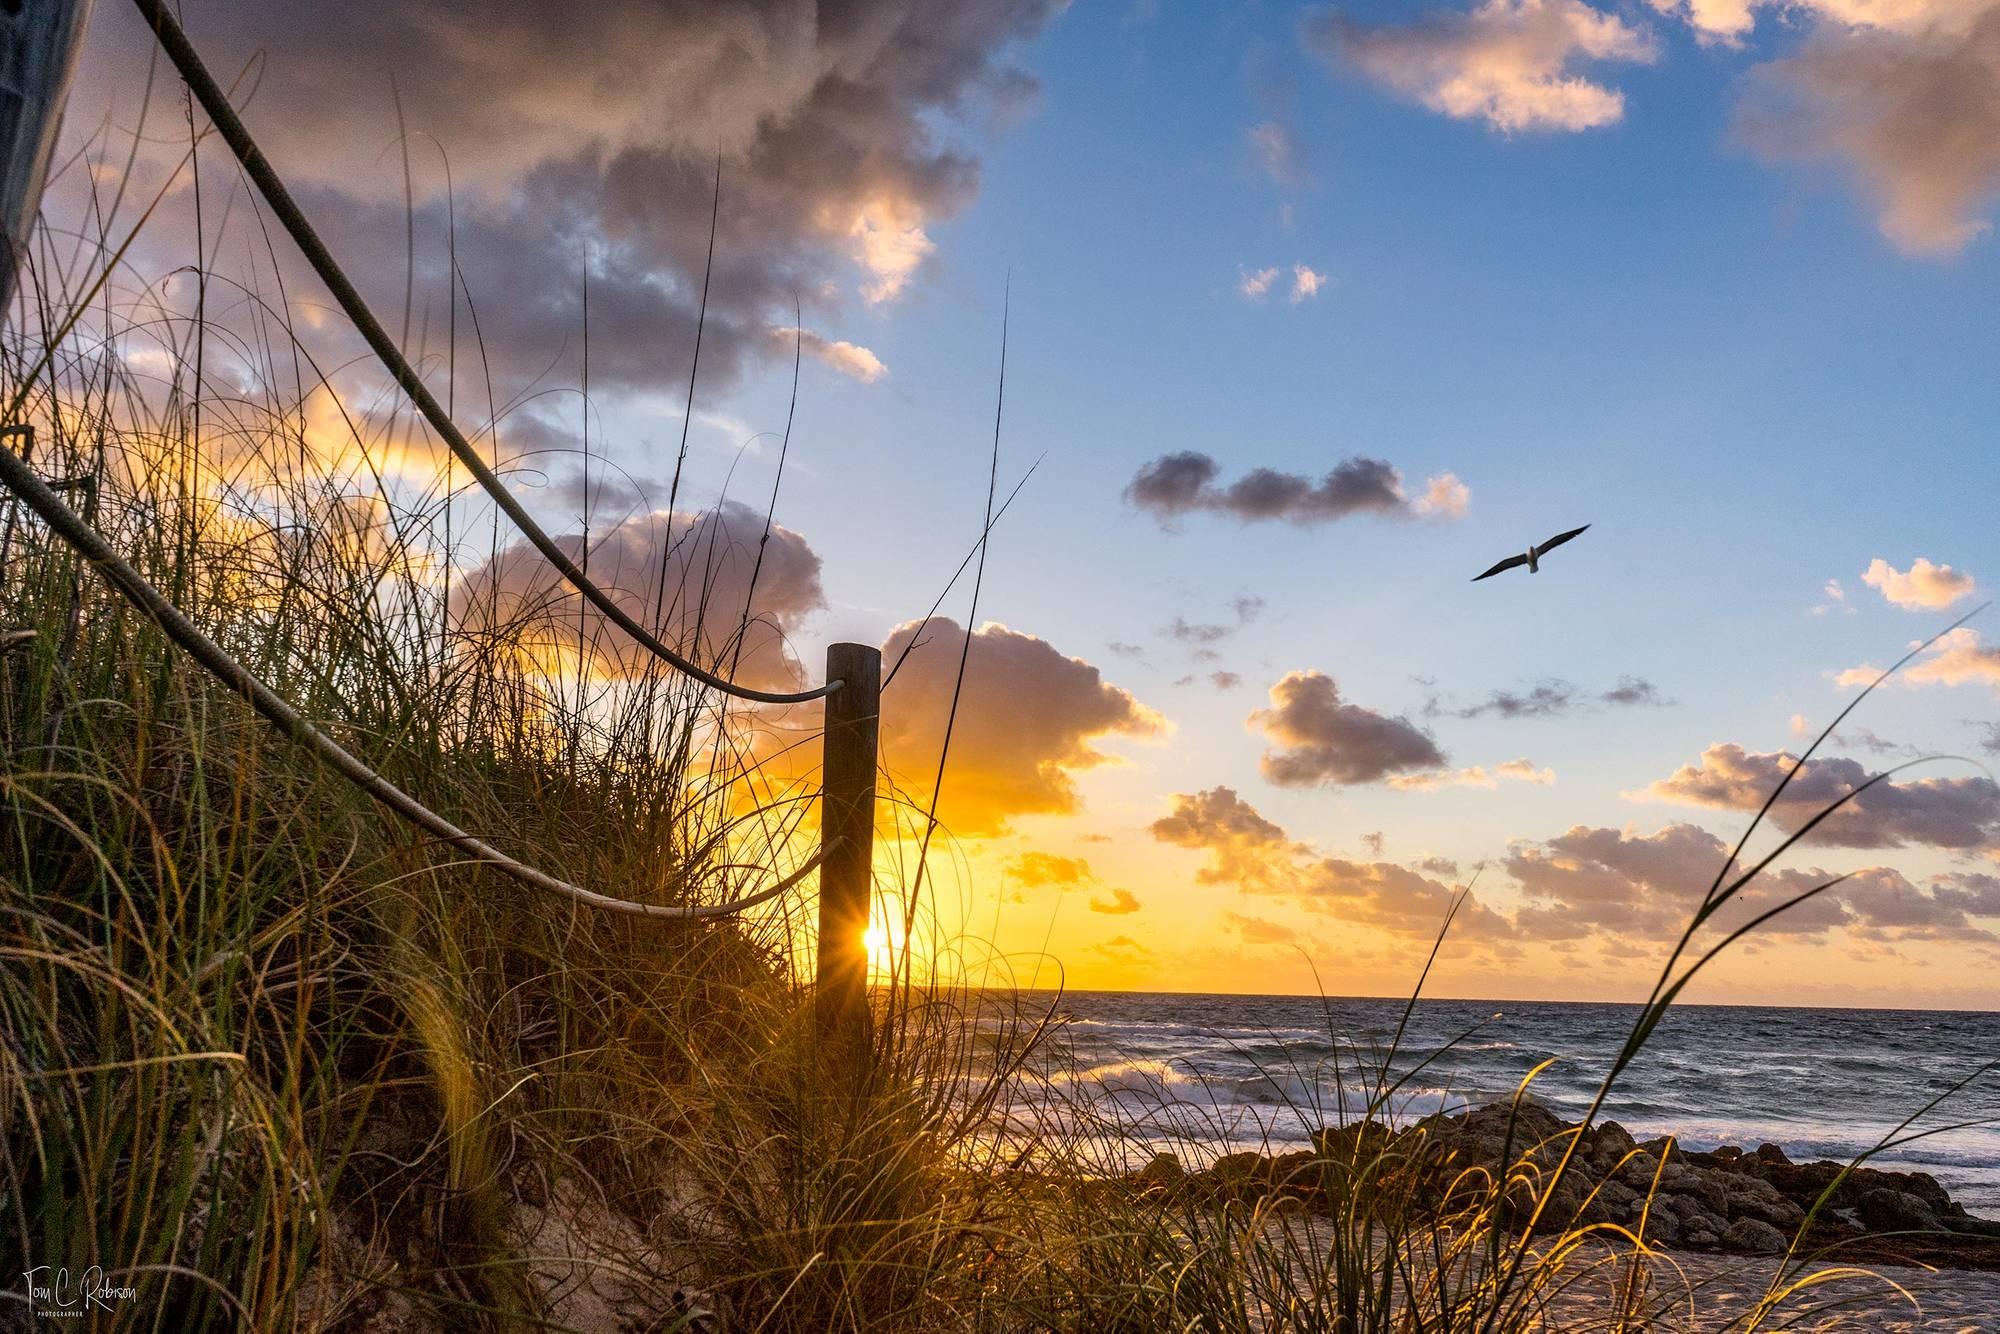 beach-SRGB-00848-1bird-Final-w-sig.jpg